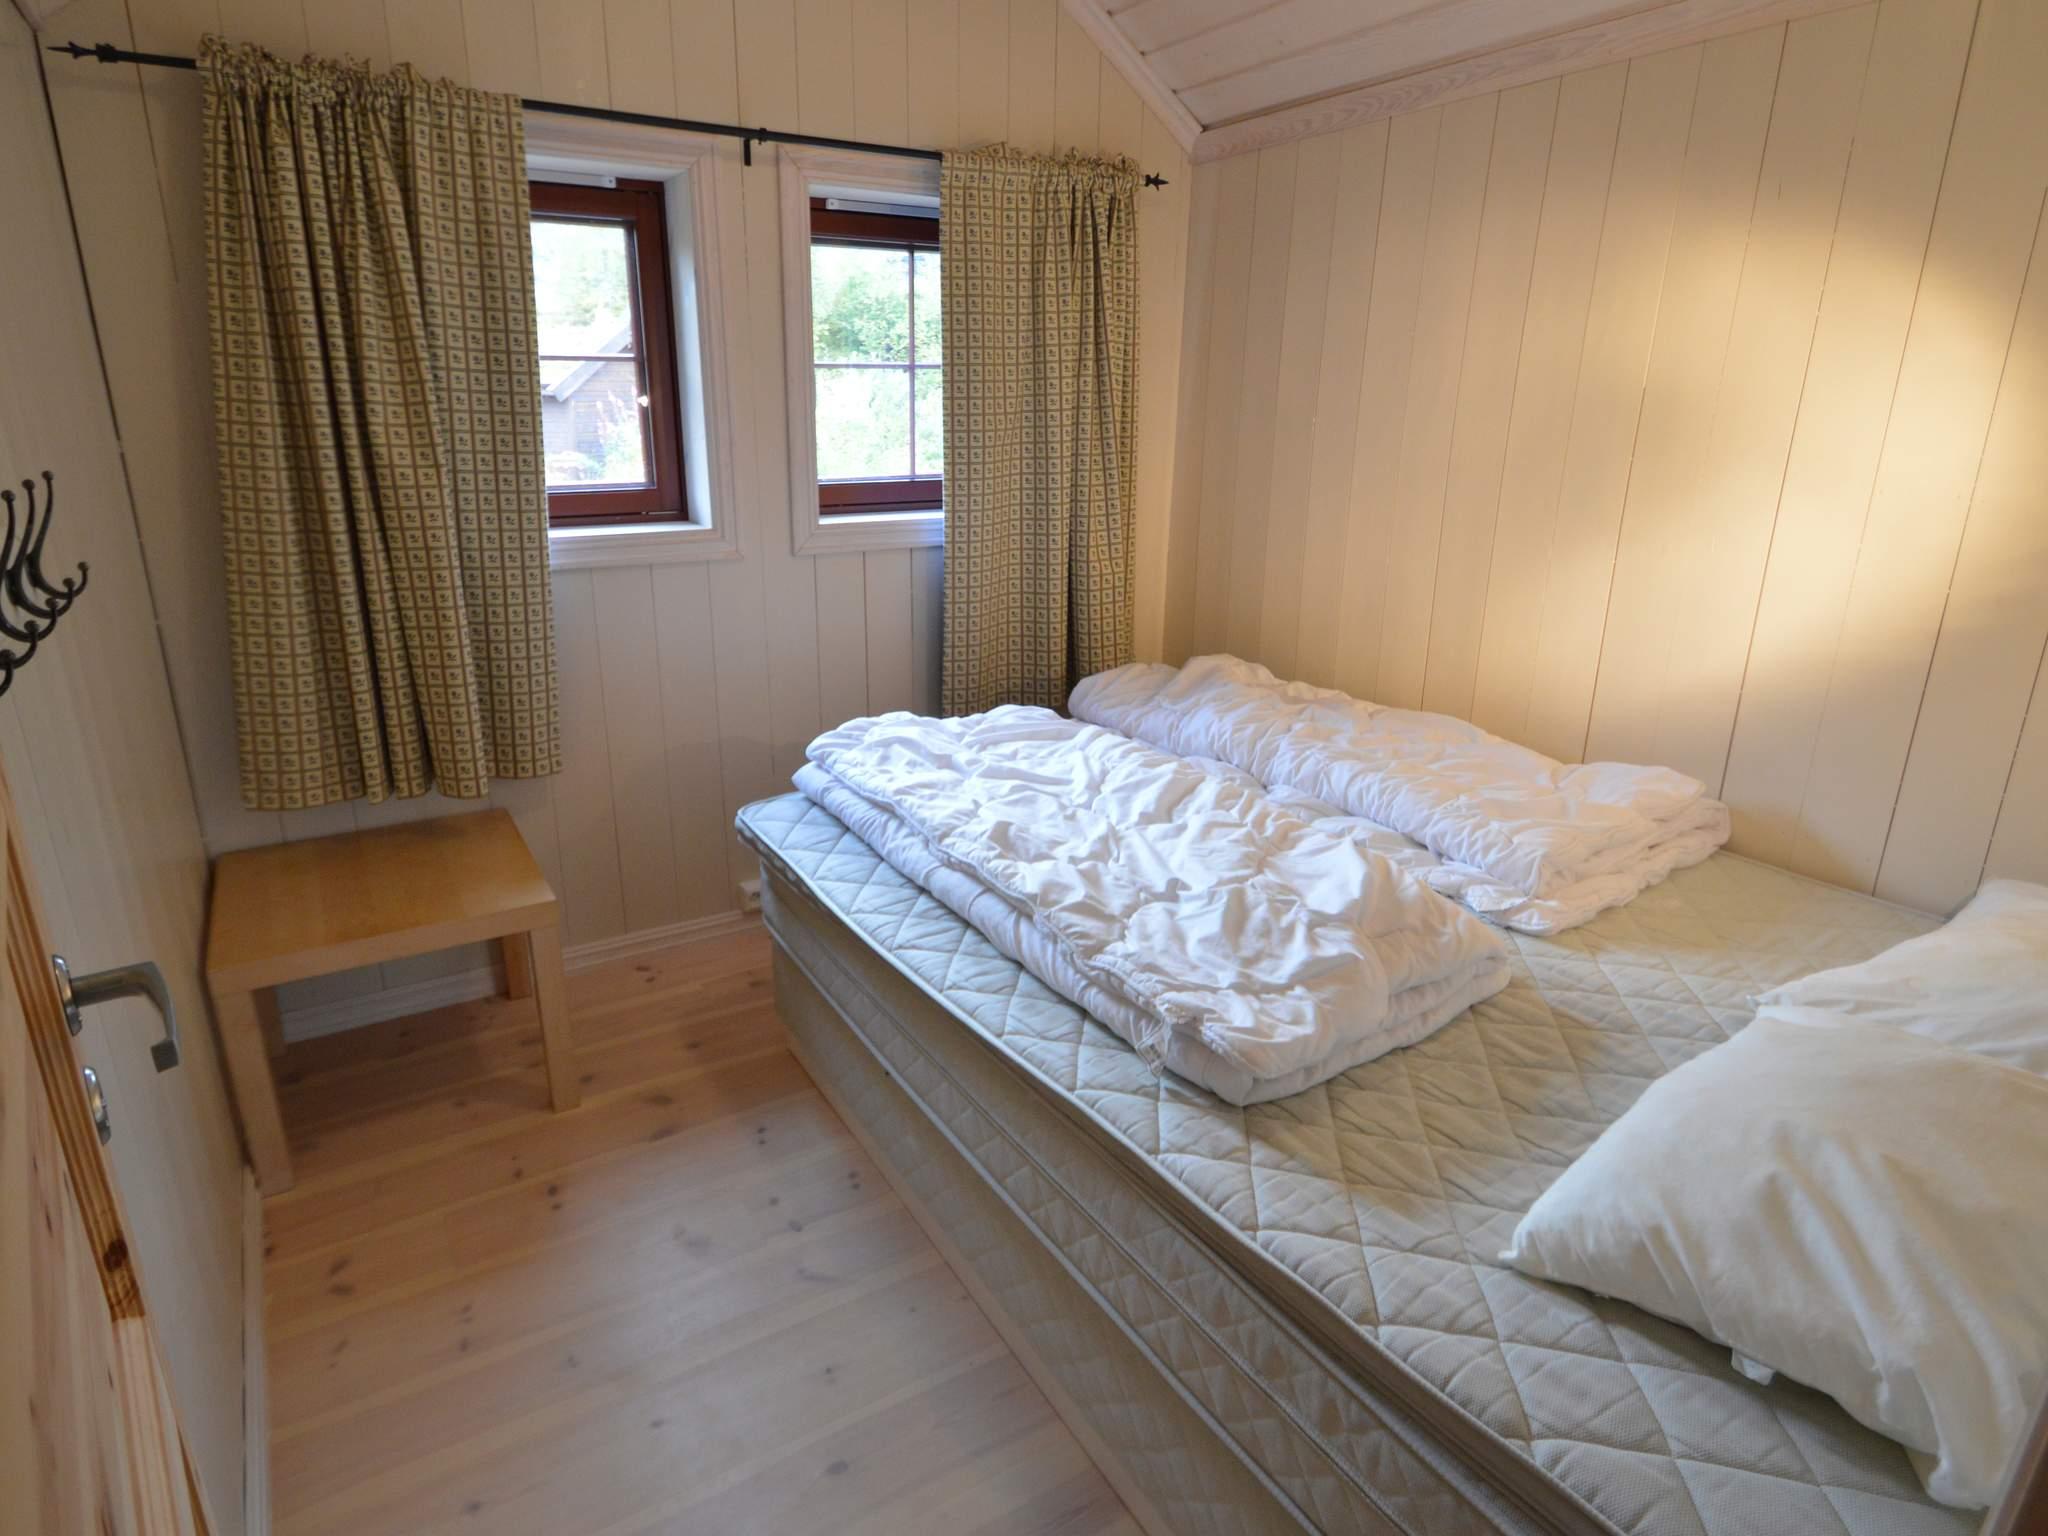 Ferienwohnung Bortelid (674597), Åseral, Agder West, Südnorwegen, Norwegen, Bild 8